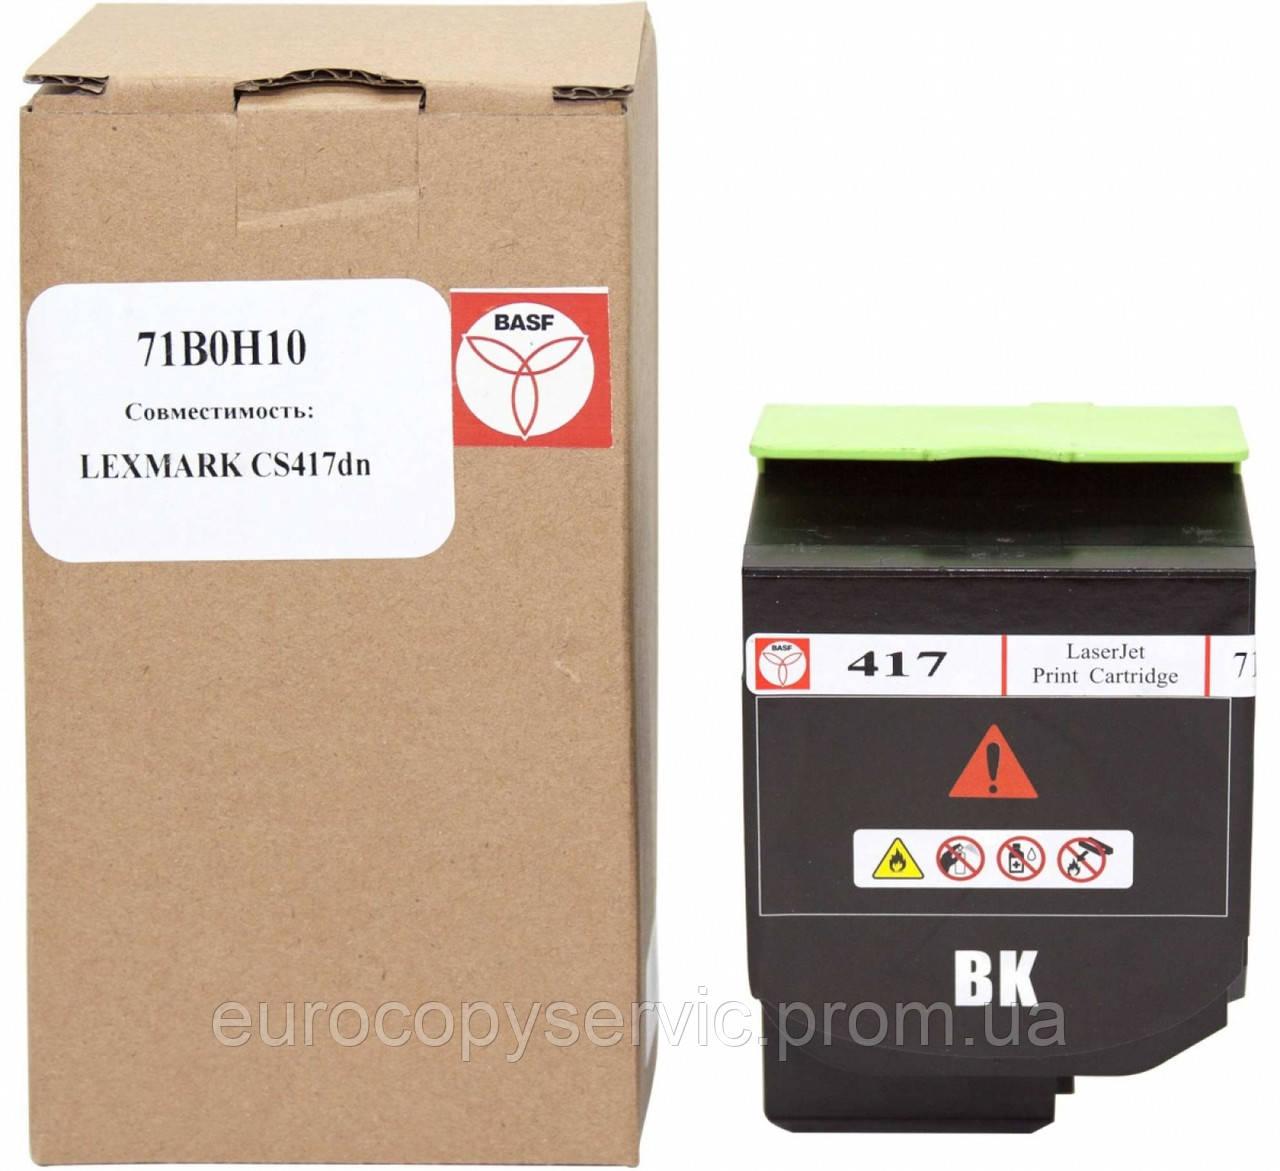 Тонер-картридж BASF для Lexmark CS417dn аналог 71B0H10 Black (BASF-KT-71B0H10)